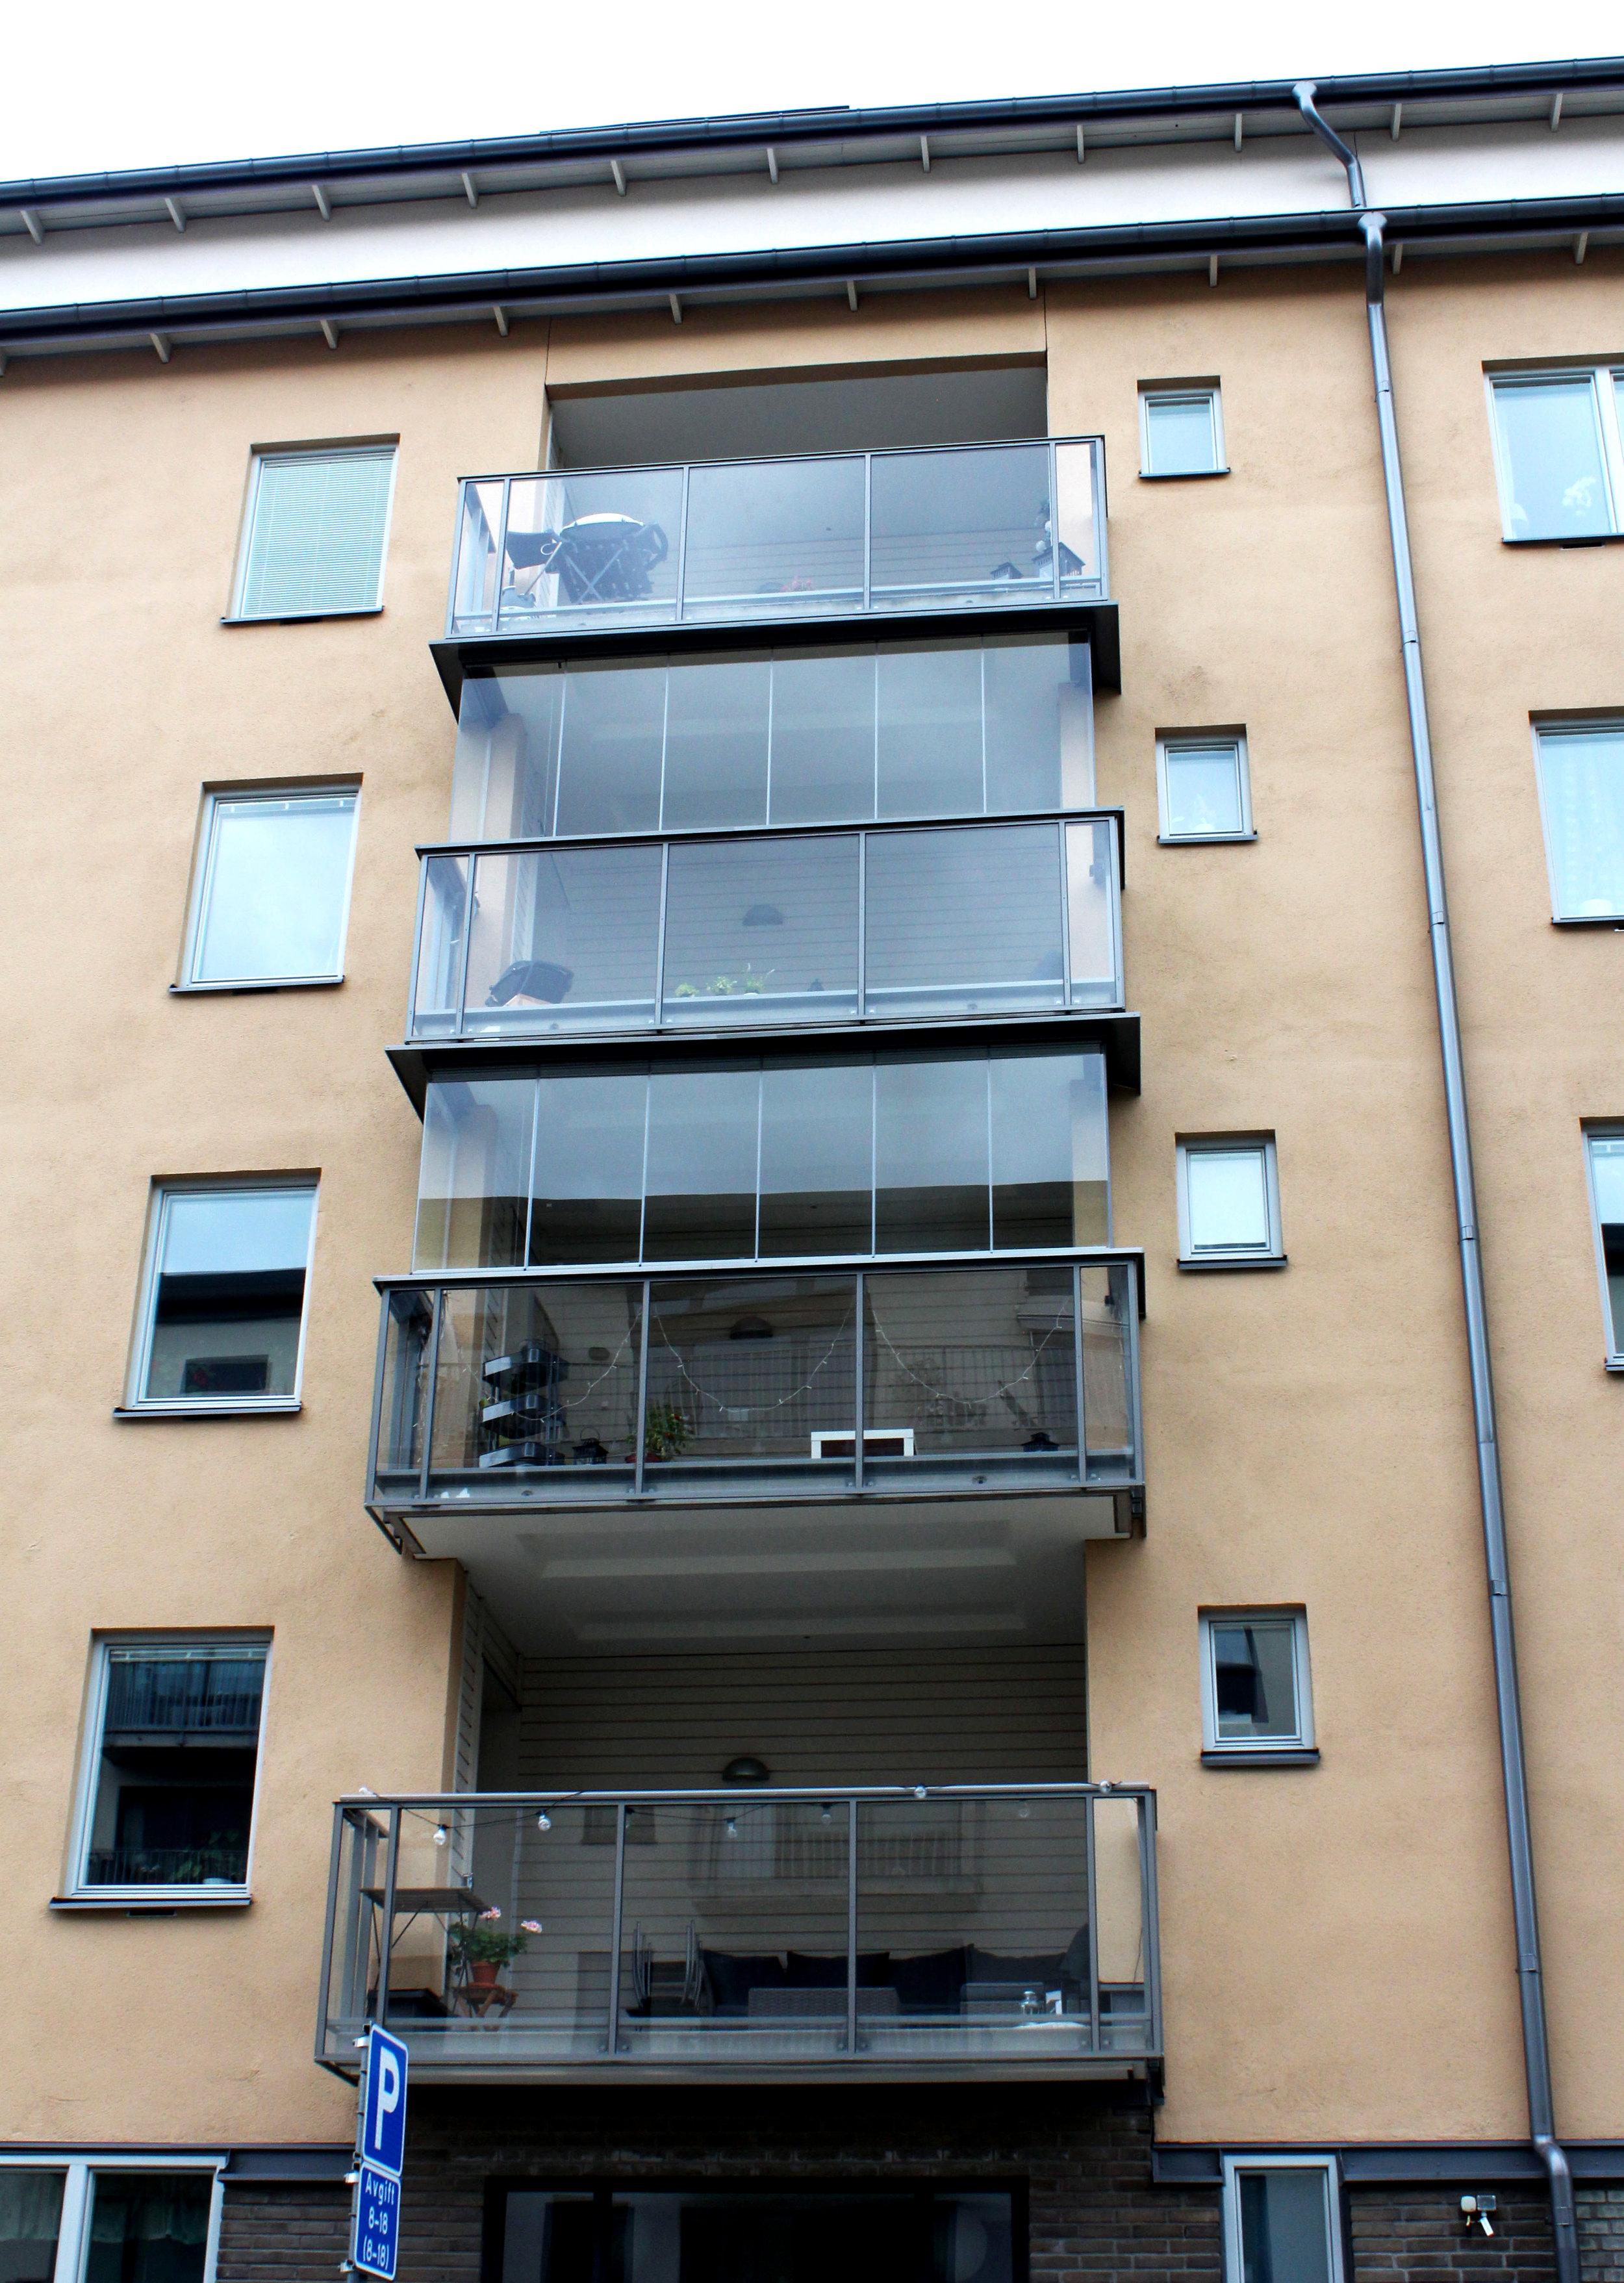 Ska en person få glasa in sin balkong om dagsljusfaktorn inte längre uppfylls inne i lägenheten?